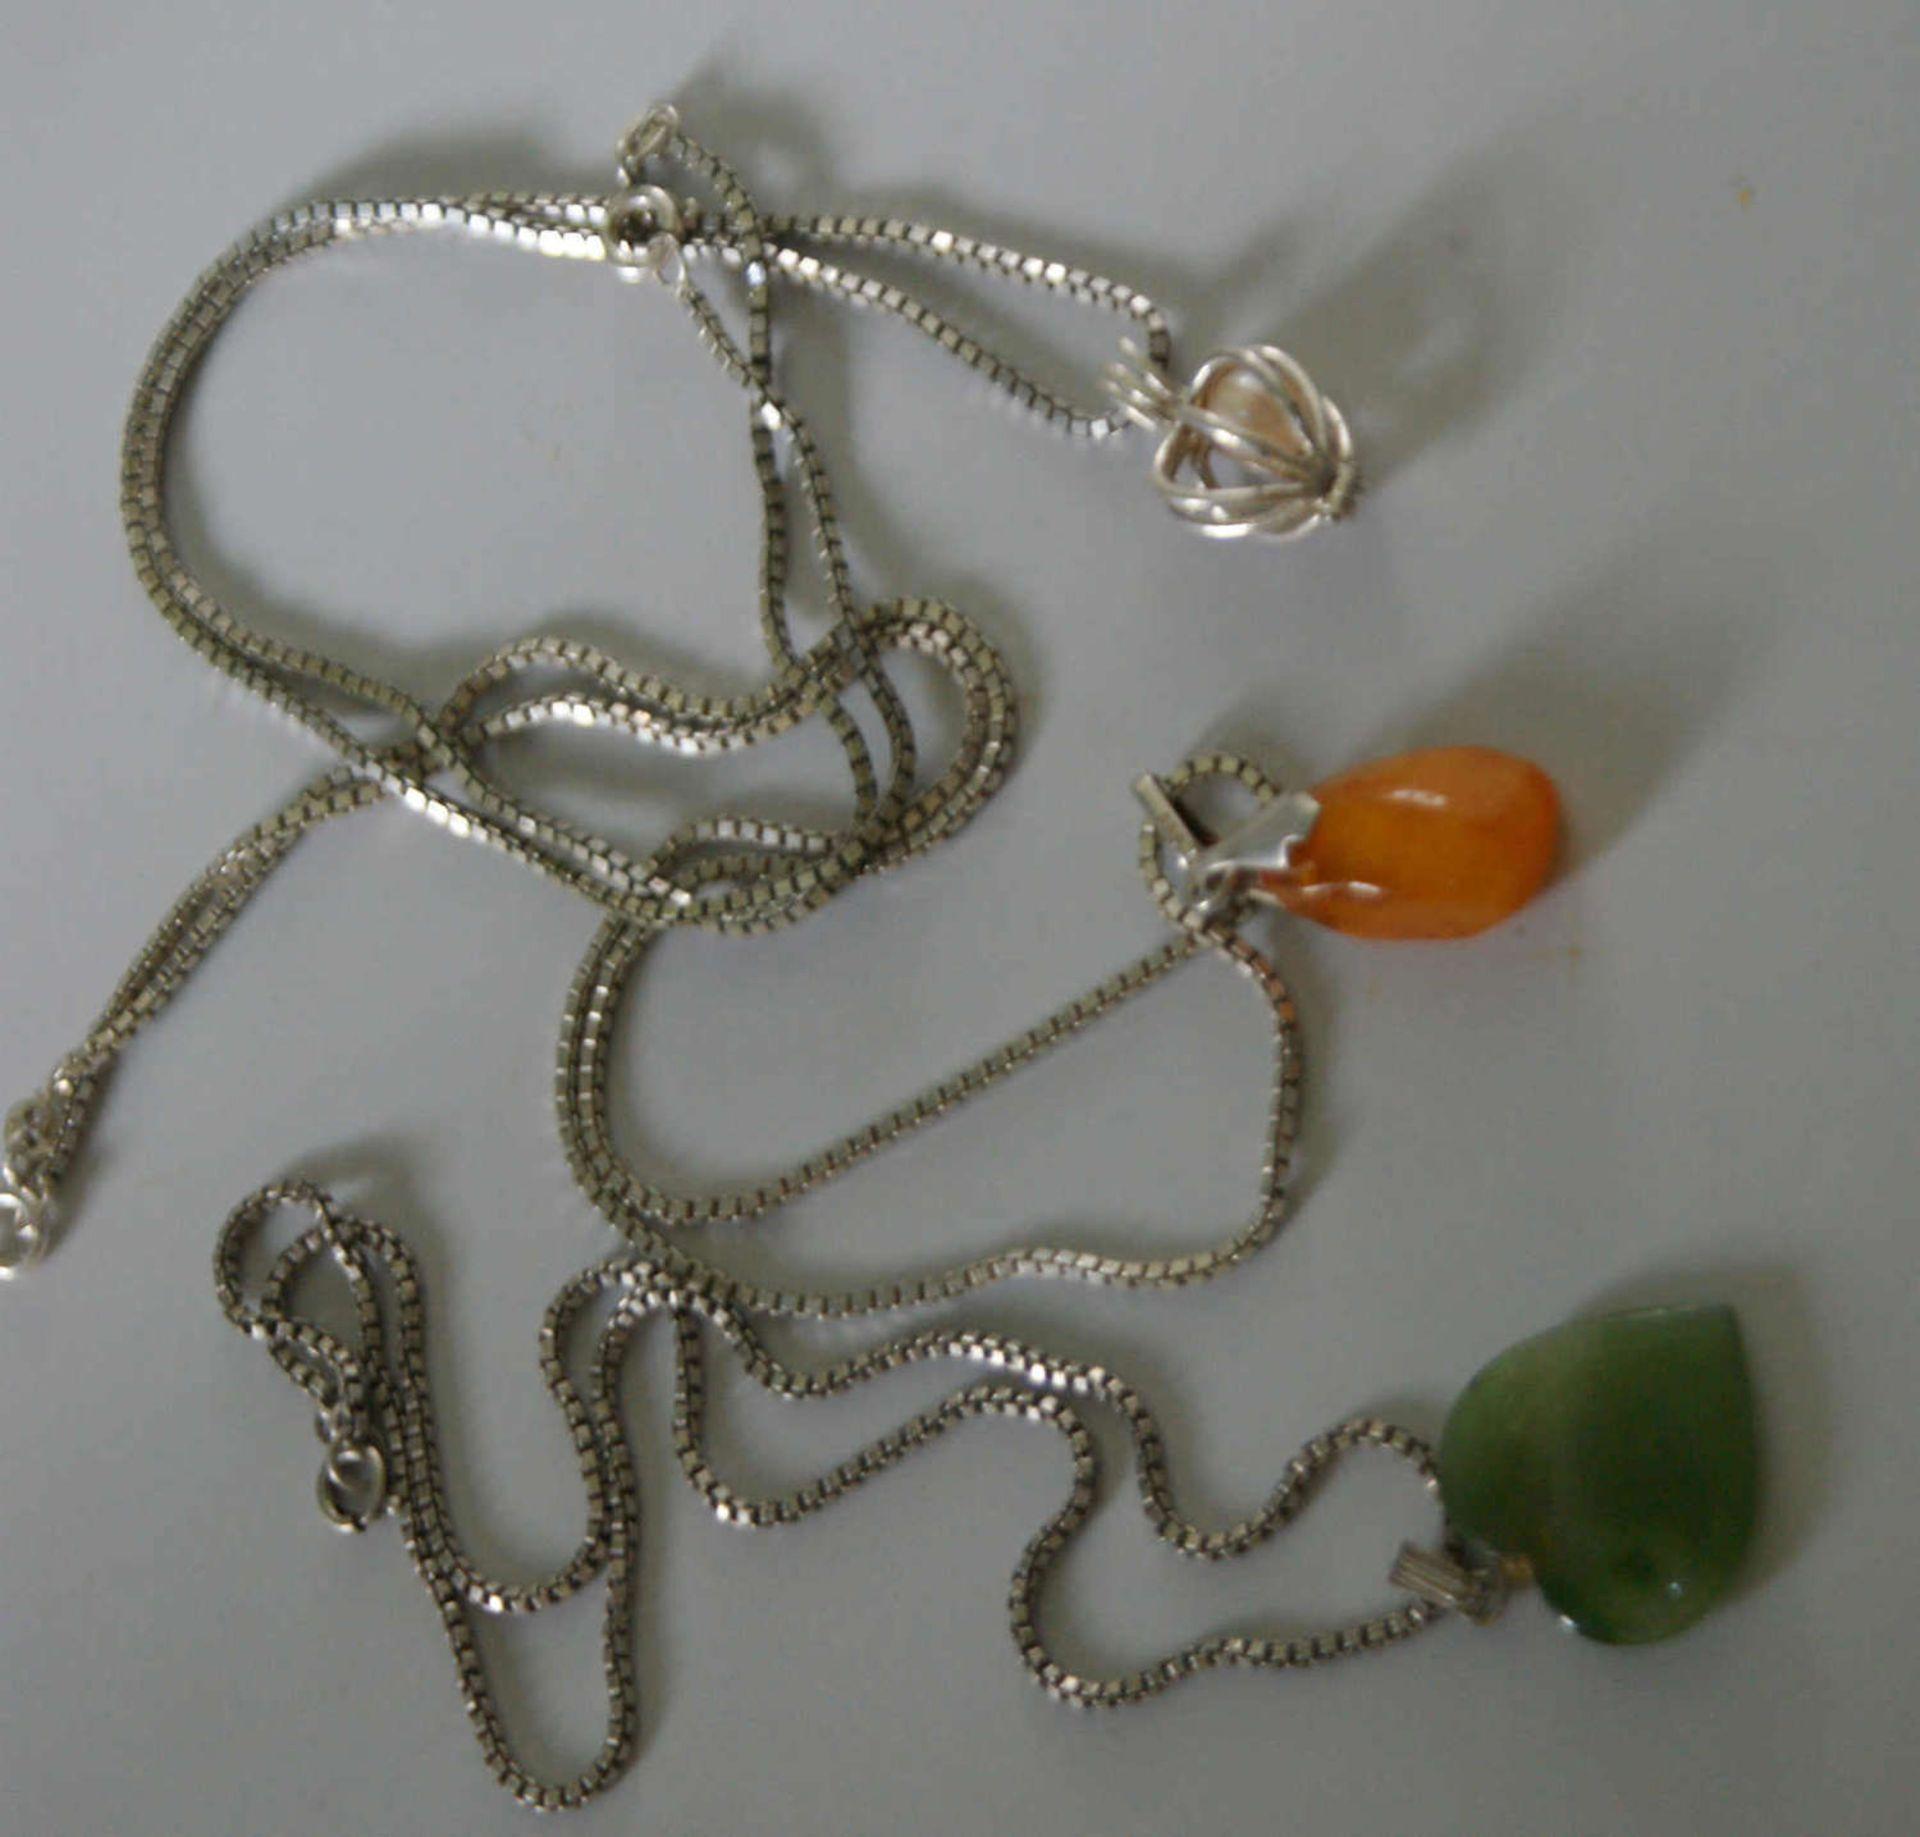 3 Silberketten mit Anhänger, 2x Halbedelstein, 1x Perle. Gewicht ca. 23 gr.